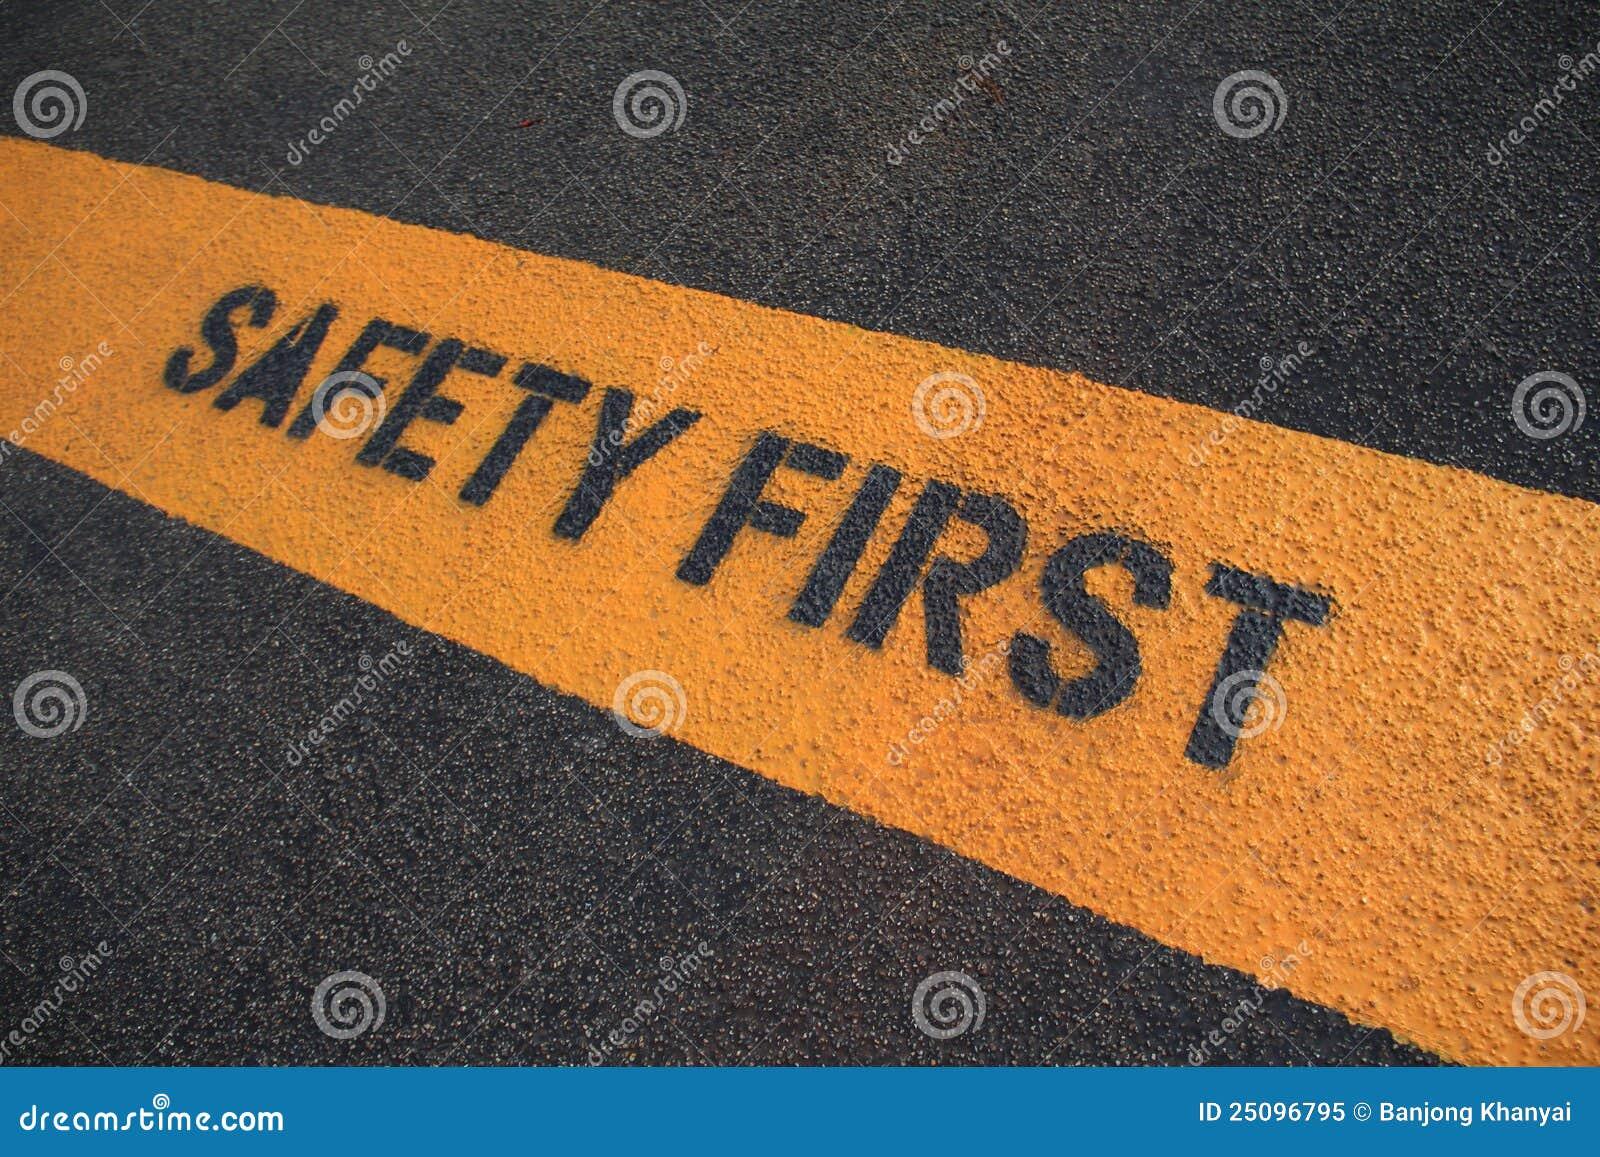 Primera muestra de seguridad